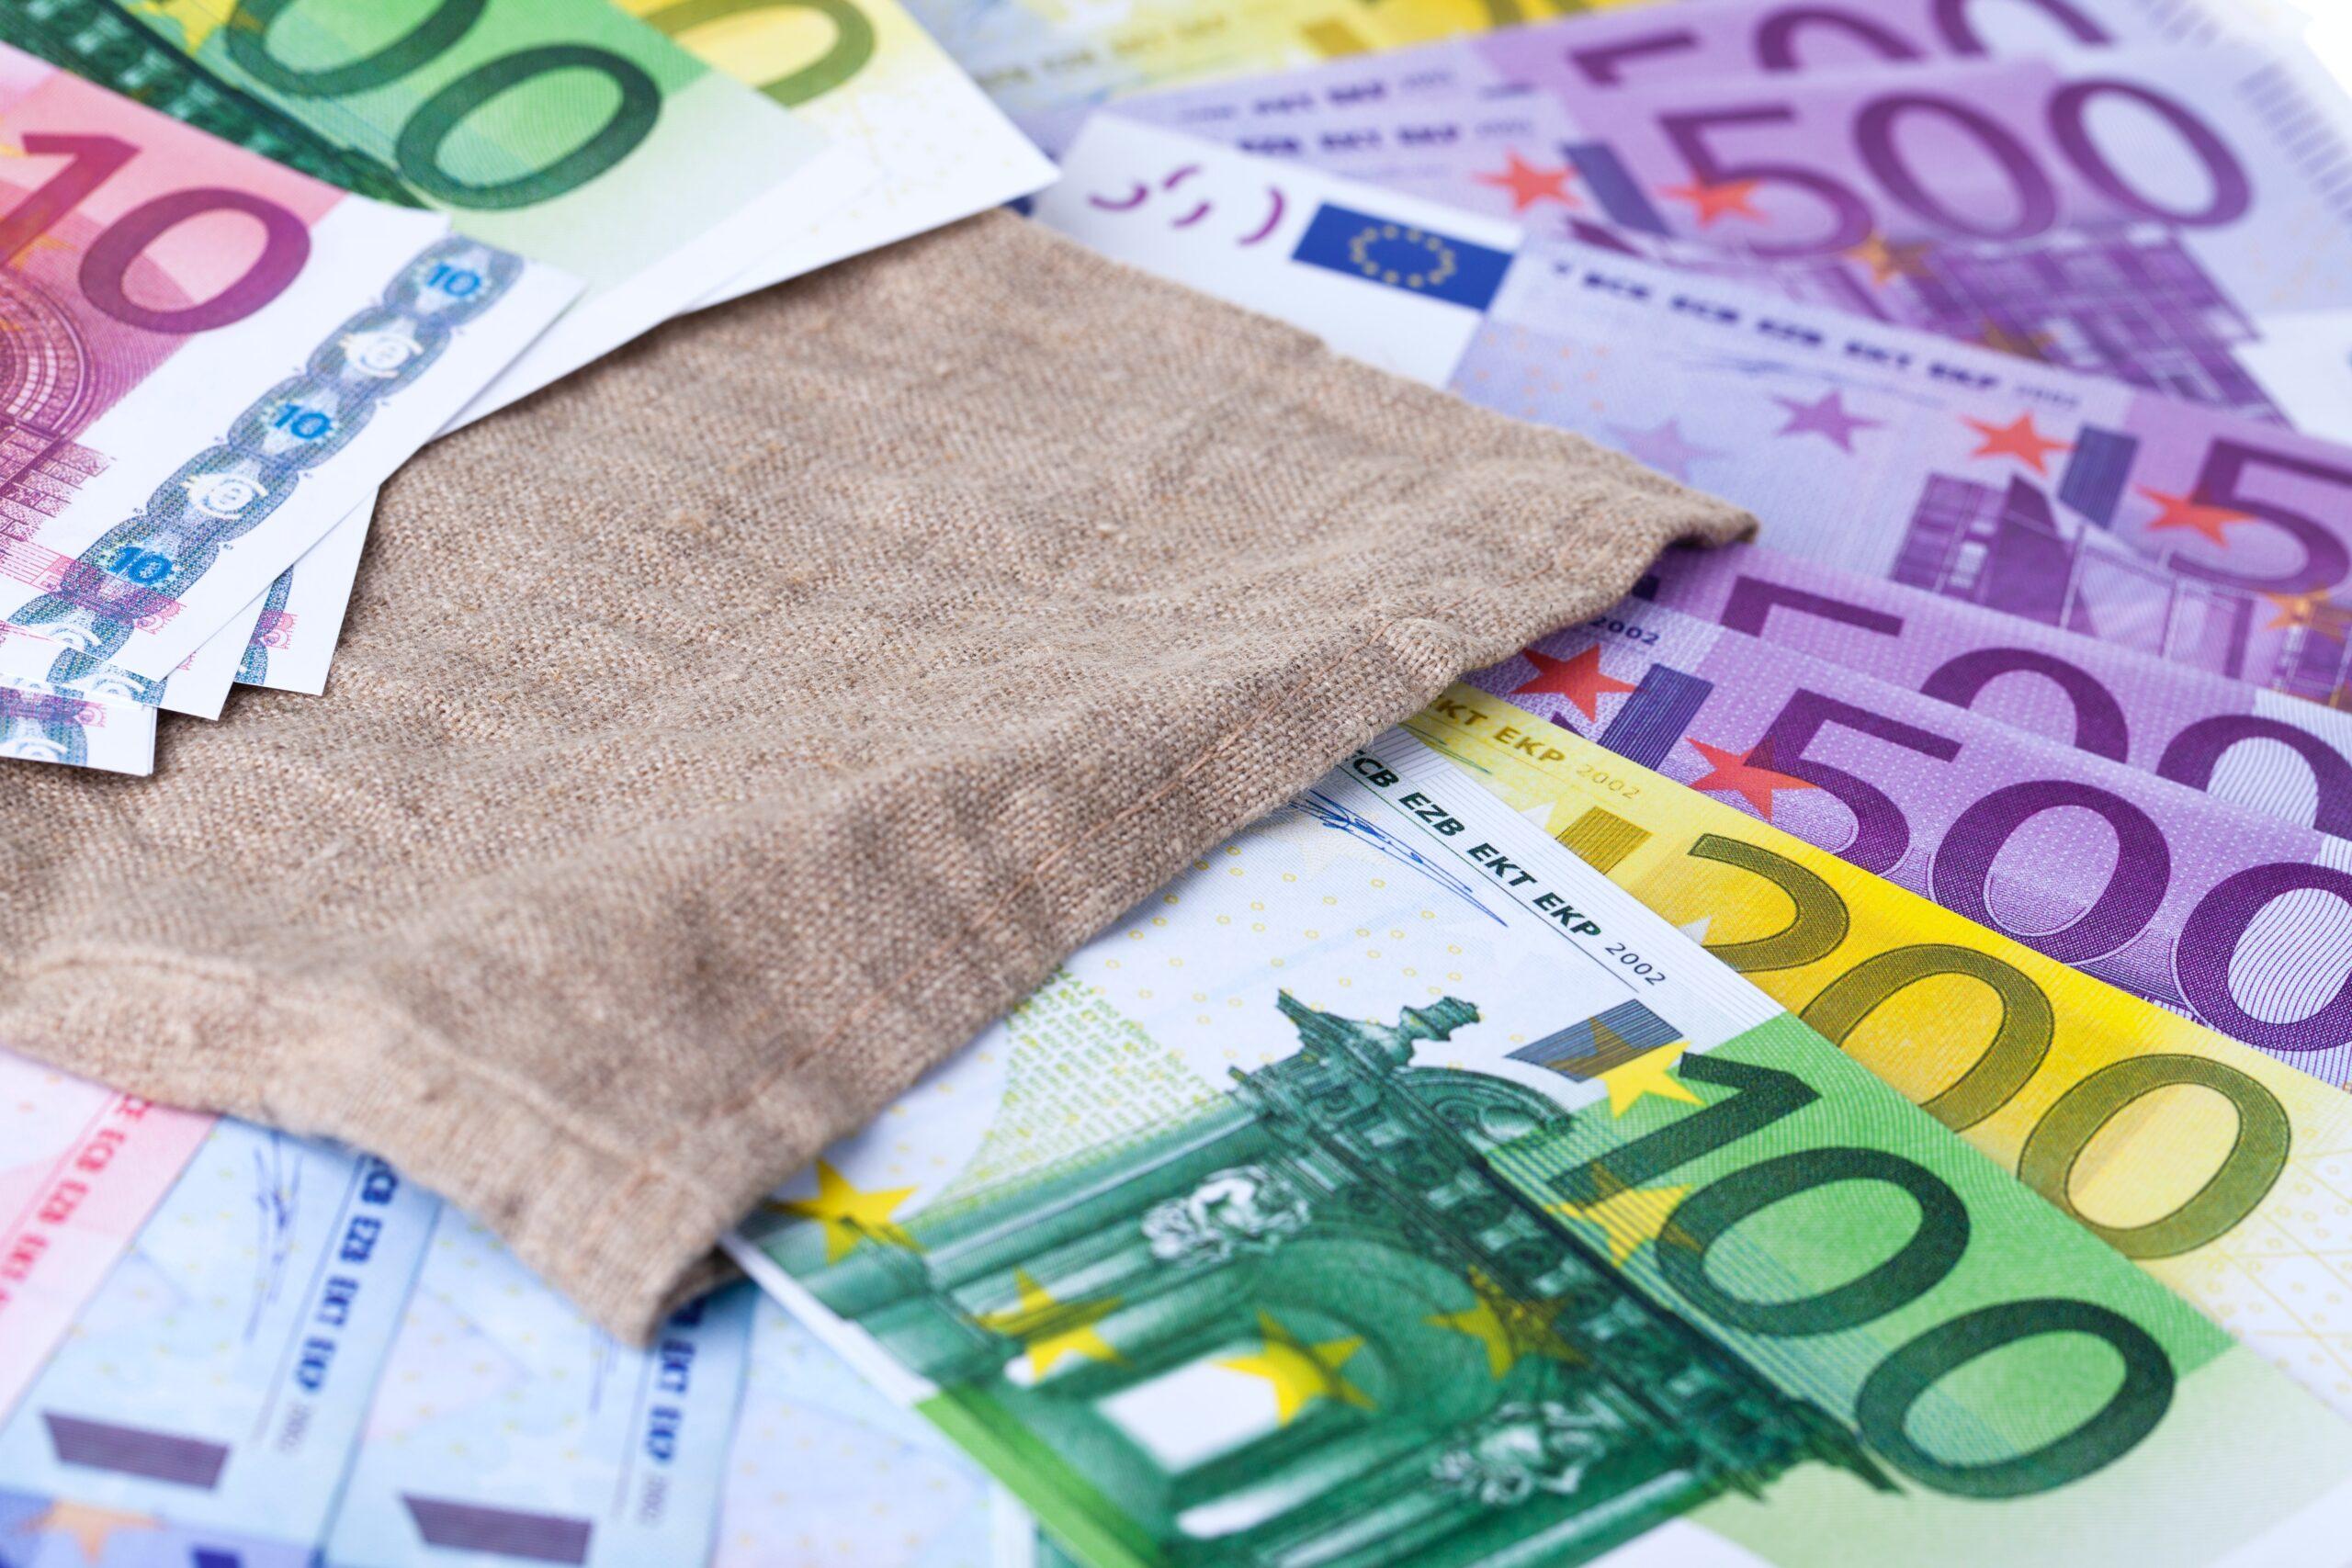 Il ritorno dell'inflazione, stimoli monetari e dintorni. E i guai della Bce